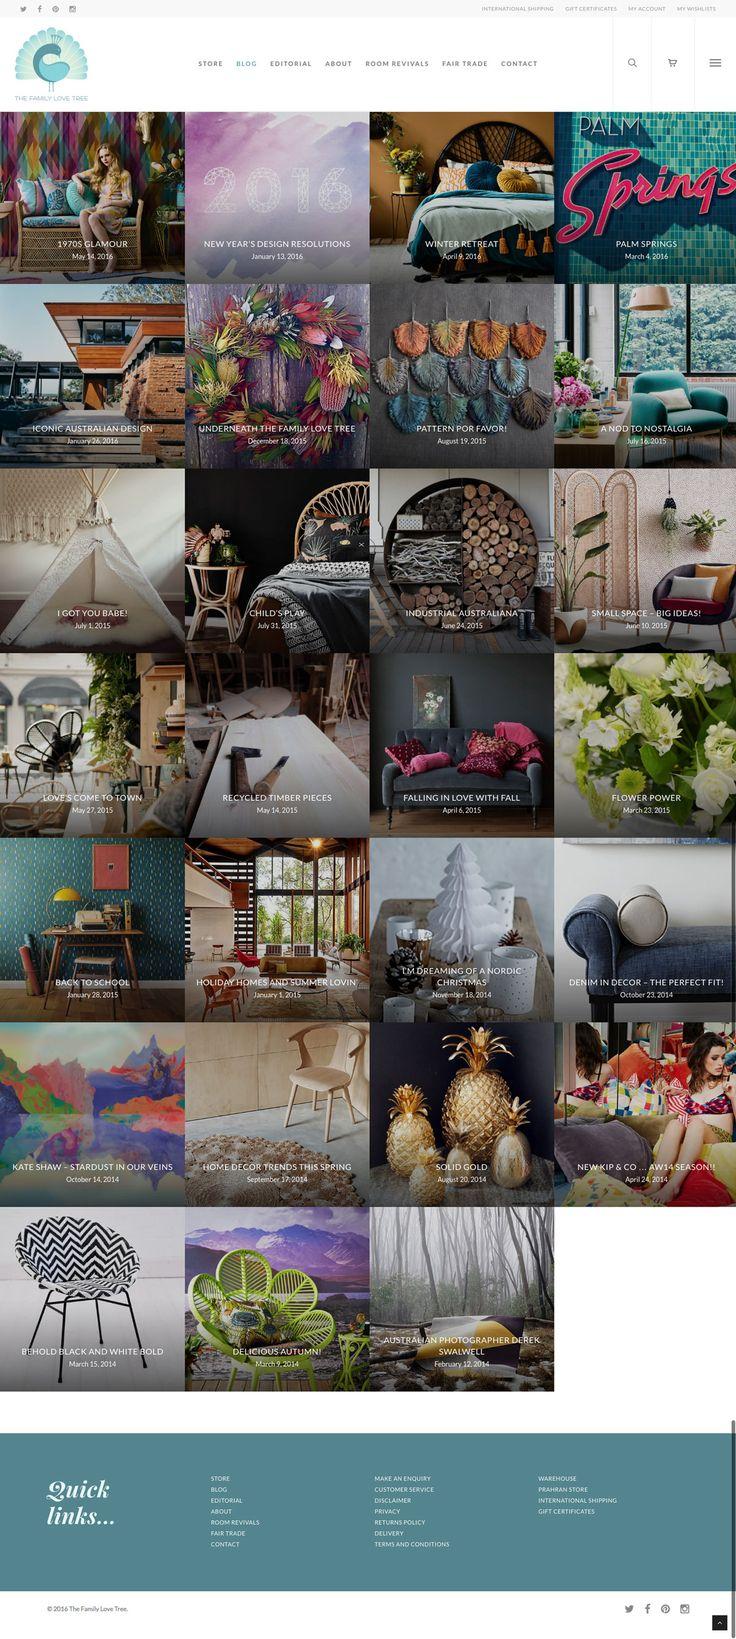 Responsive e-commerce website designed by KORE for The Family Love Tree. Blog index. #responsivedesign #webdesign #wordpress http://kore.digital